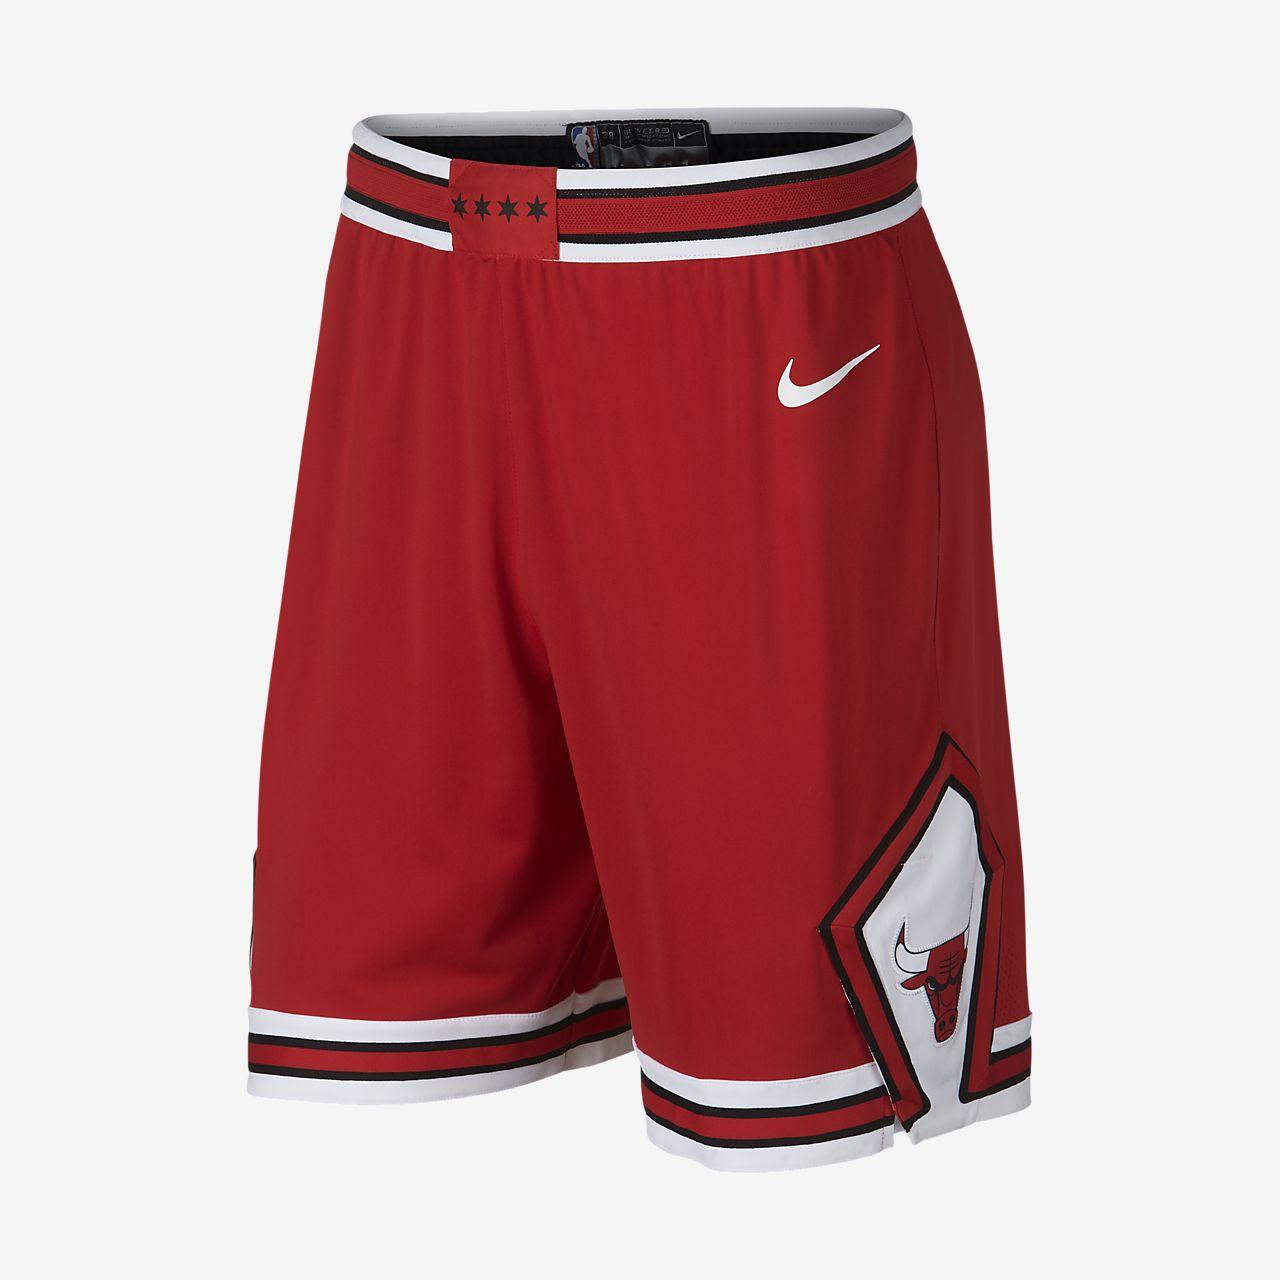 4c04473591df9 ... Chicago Bulls Nike Icon Edition Authentic Pantalón corto de la NBA -  Hombre